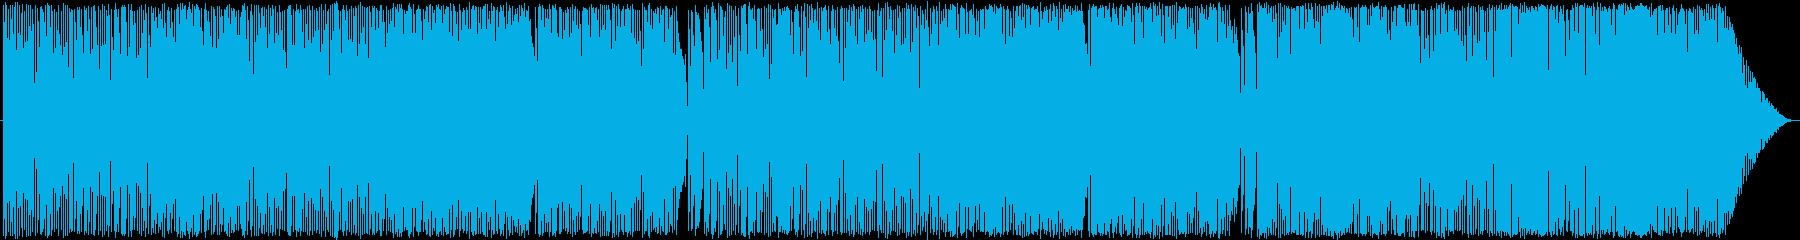 バーっぽいジャズの再生済みの波形